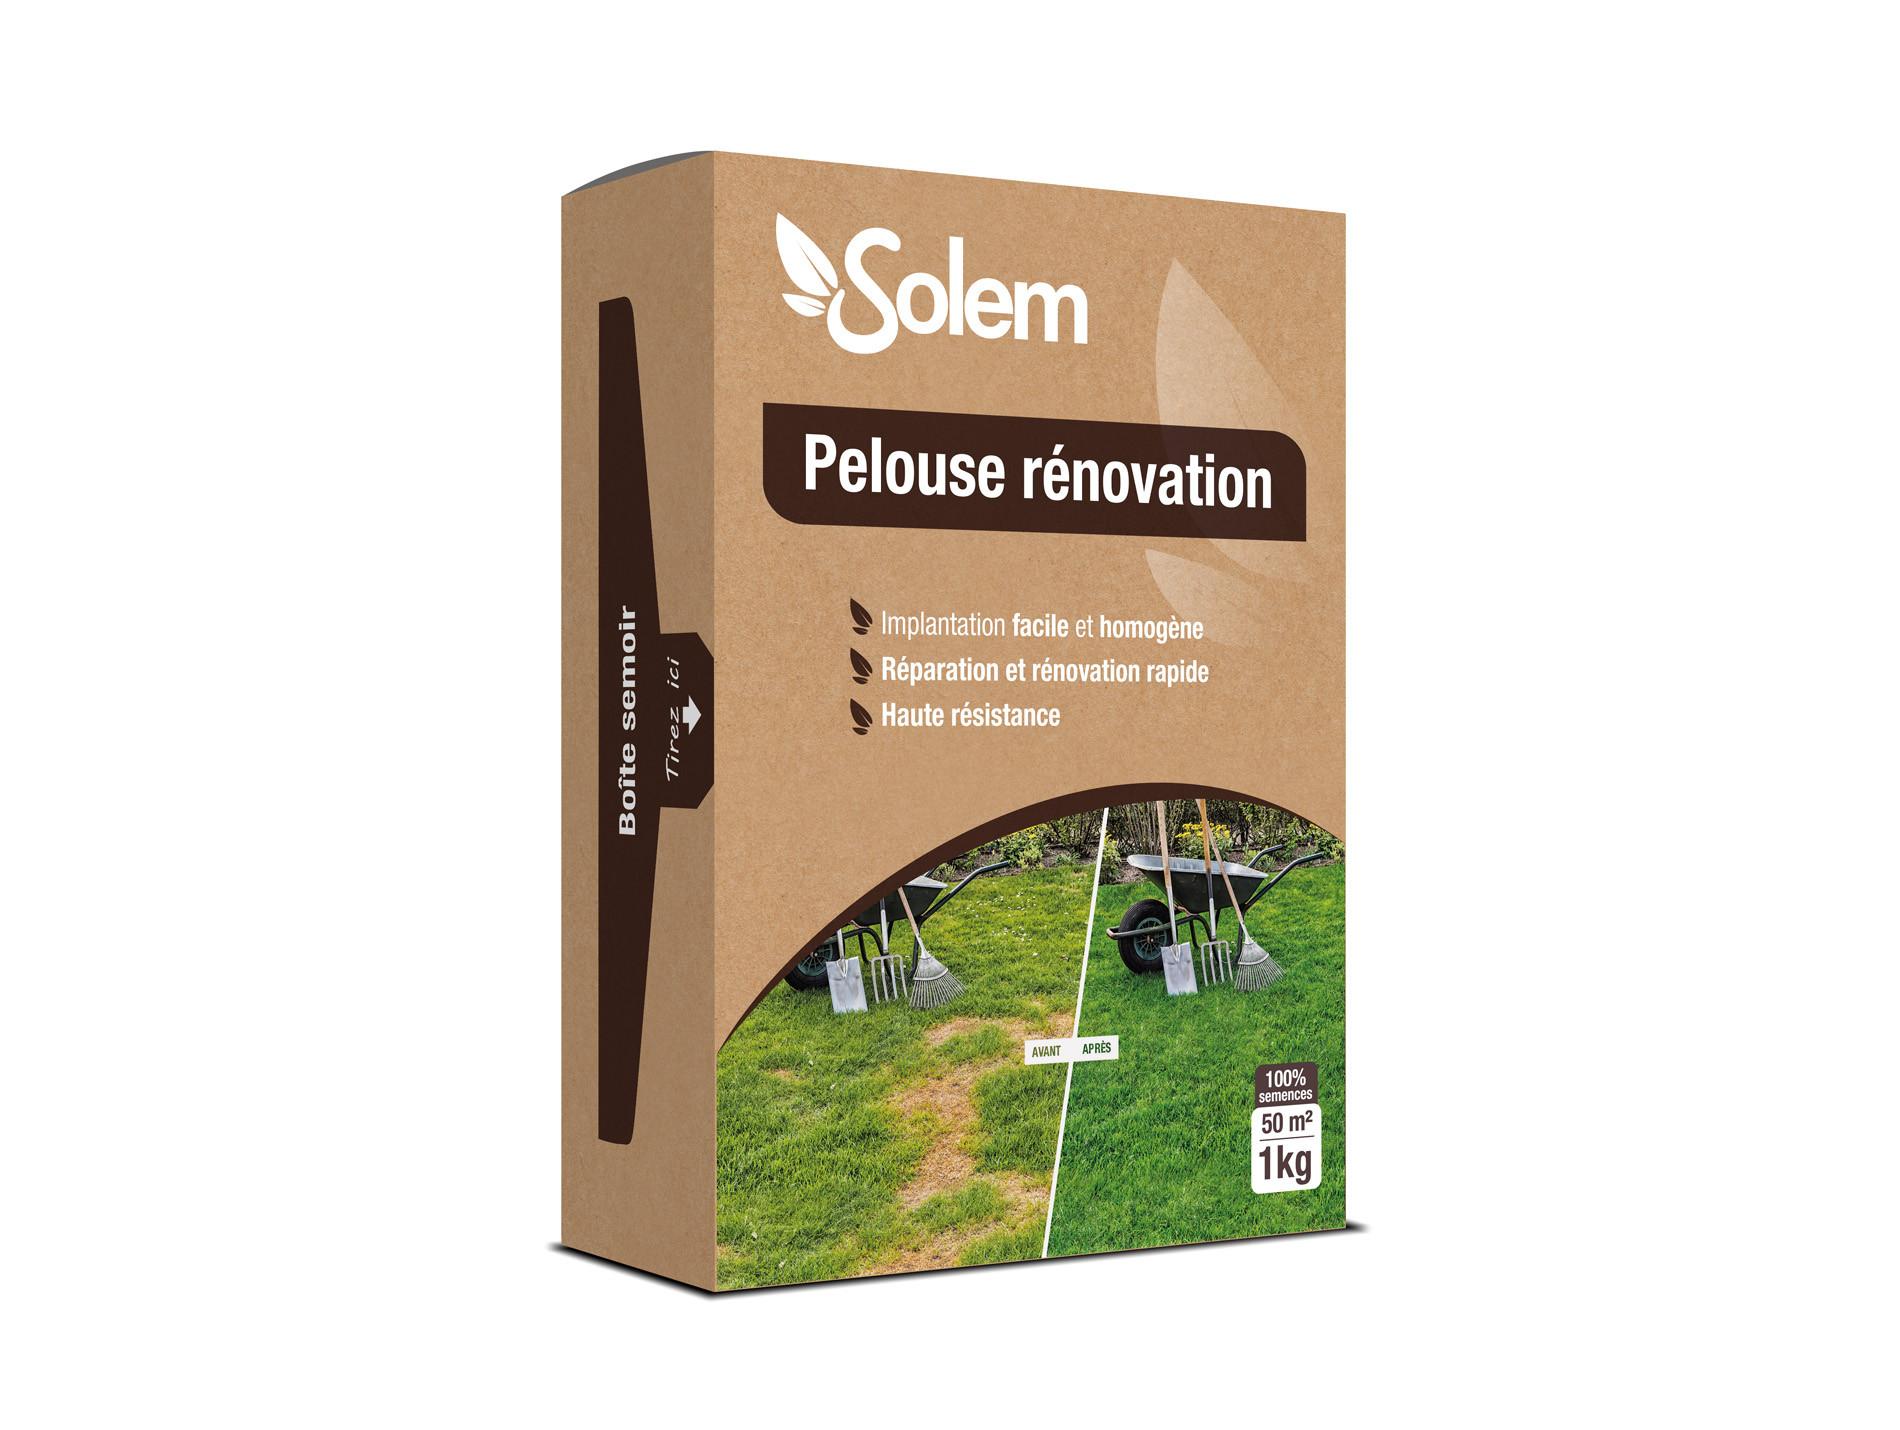 Pelouse rénovation SOLEM 1kg